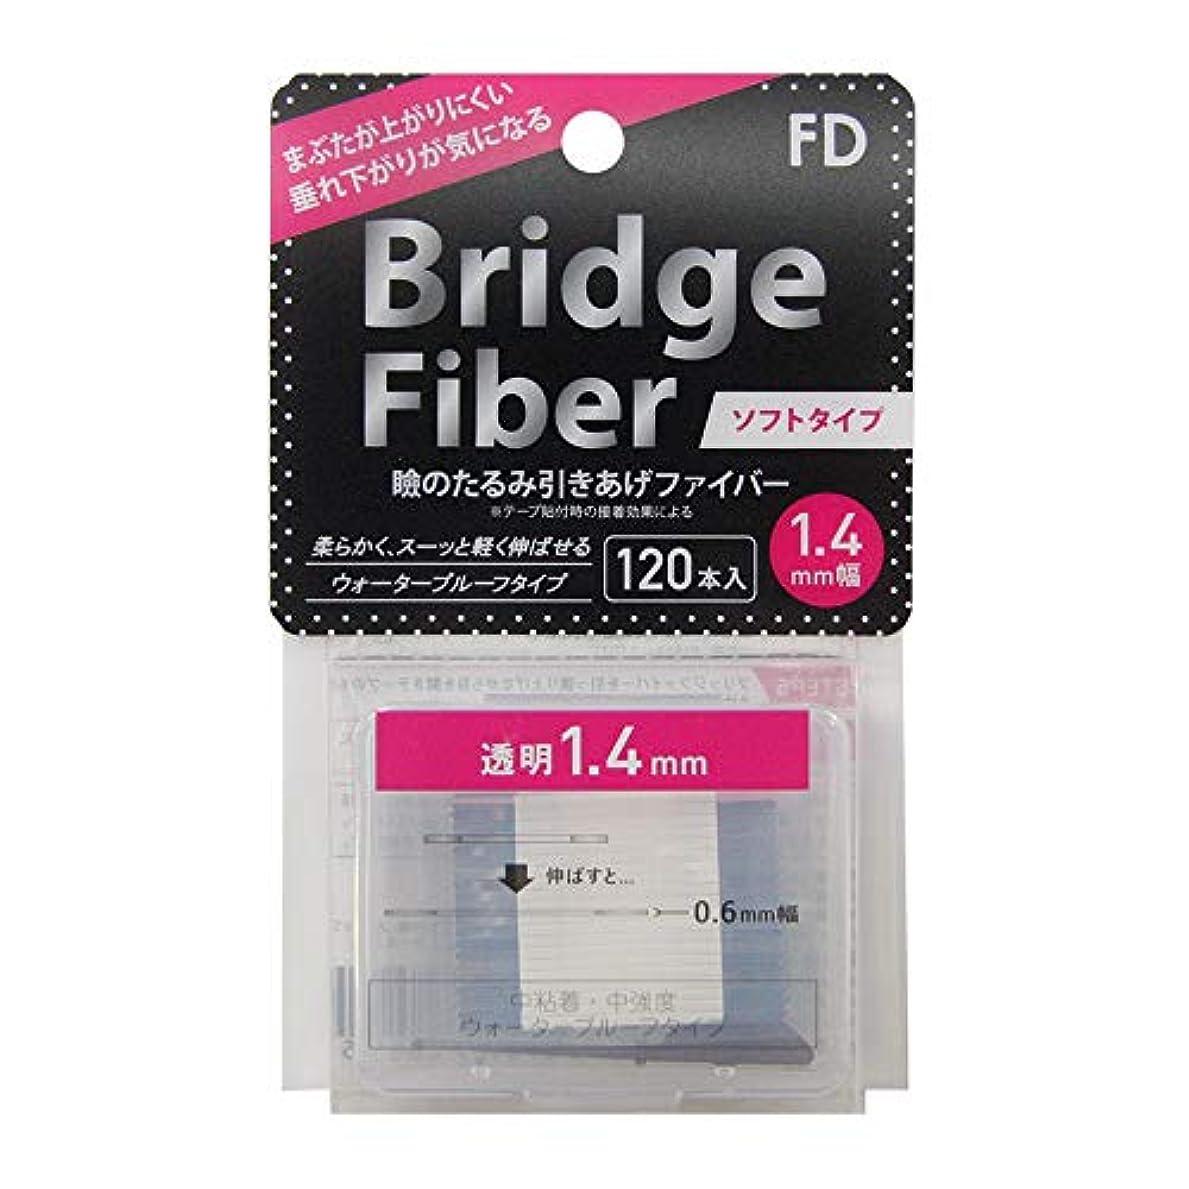 立派な曲がった出会いFD ブリッジソフトファイバー 眼瞼下垂防止テープ ソフトタイプ 透明1.4mm幅 120本入り 10個セット